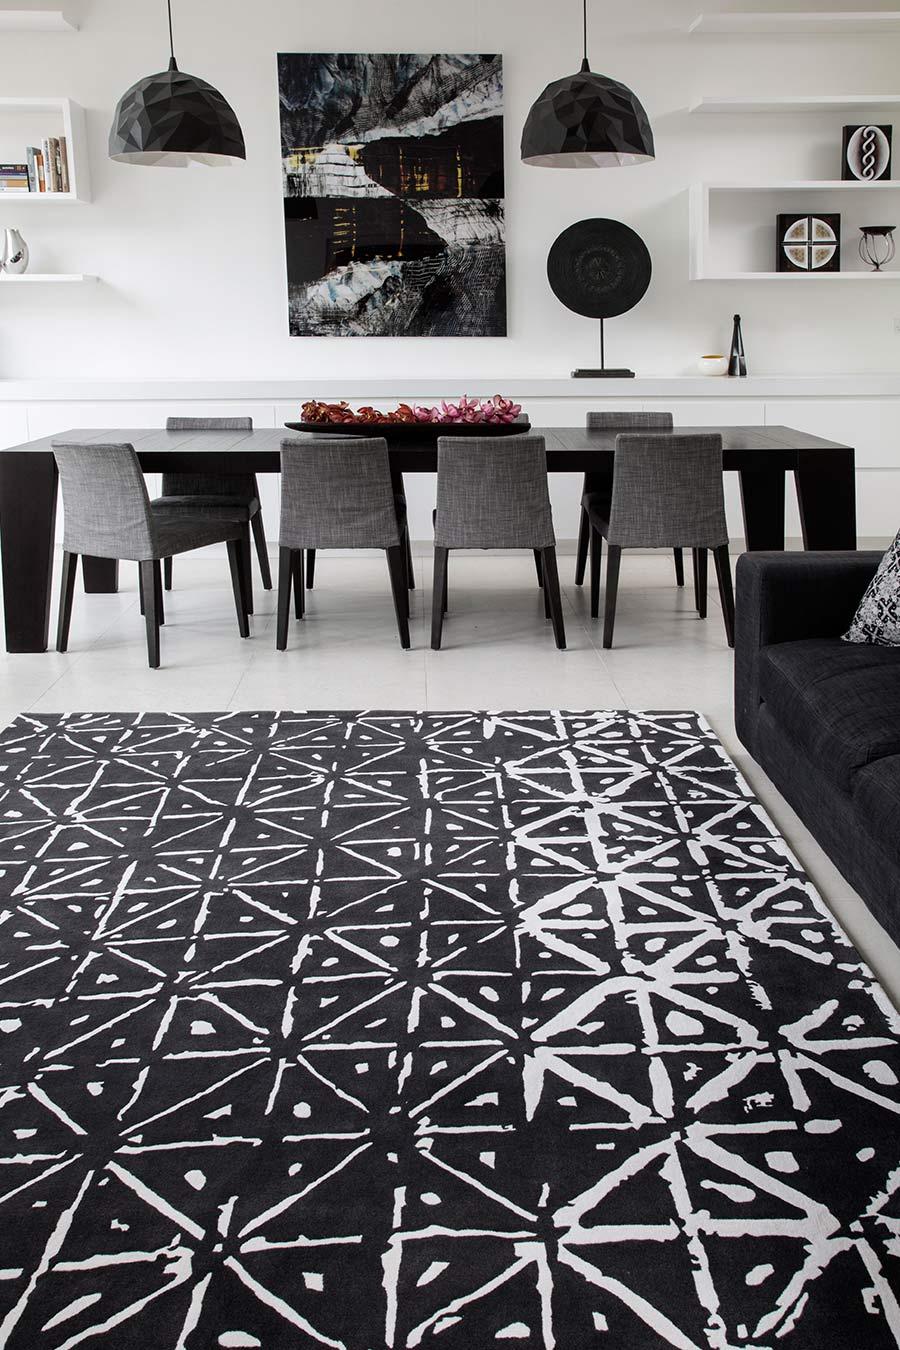 Batik rug by Akira Isogawa